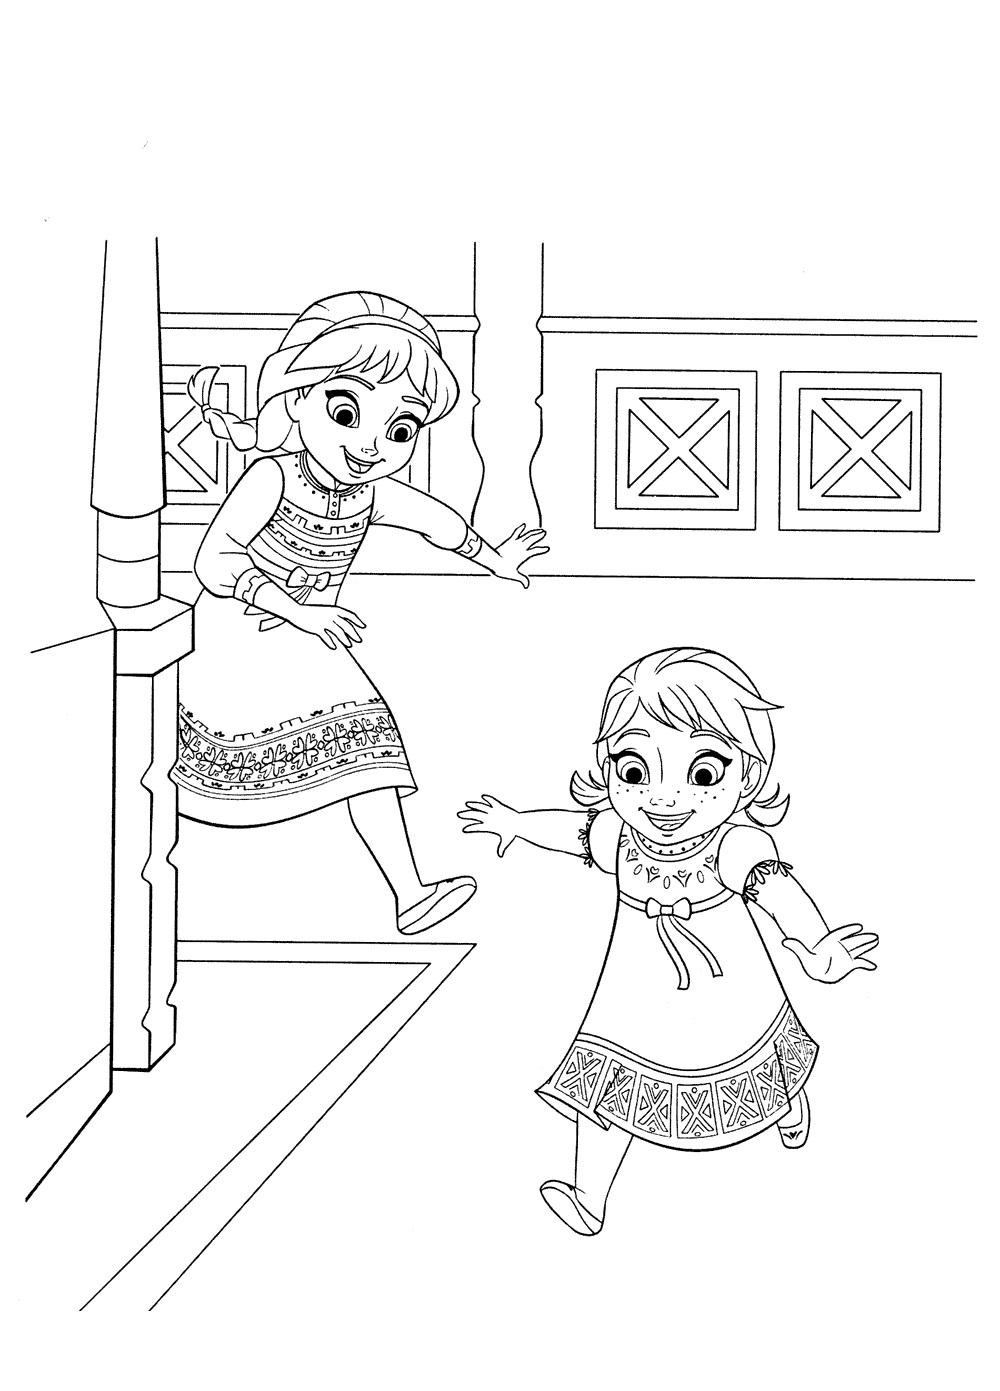 Ausmalbilder Elsa. Kostenlos Drucken, 60 Bilder Für Mädchen über Ausmalbilder Anna Und Elsa